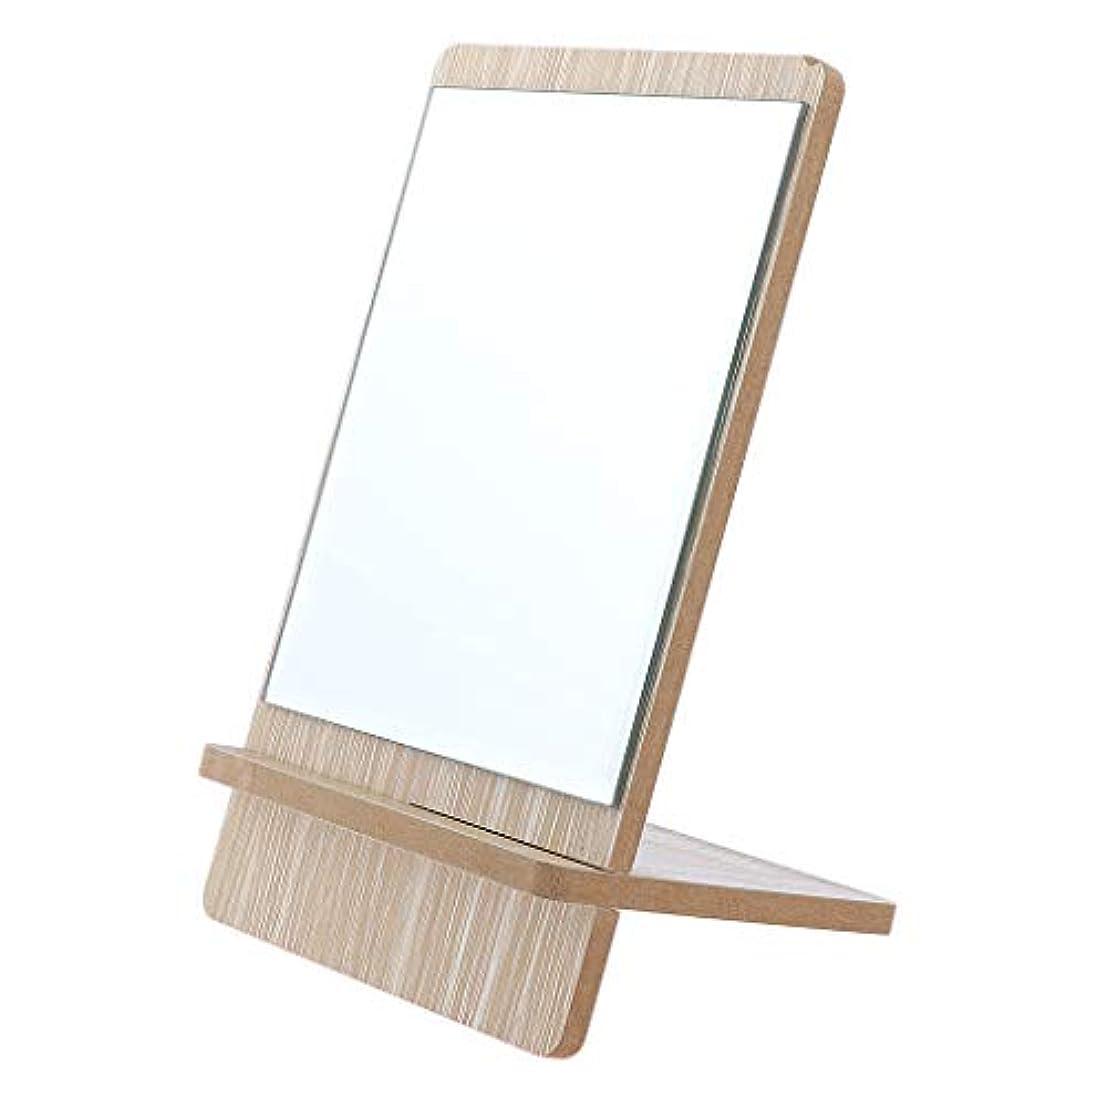 好色な研磨包囲化粧鏡 スタンド 卓上 メイクアップミラー 立てミラー バニティミラー 折りたたみ 3サイズ選べ - 大